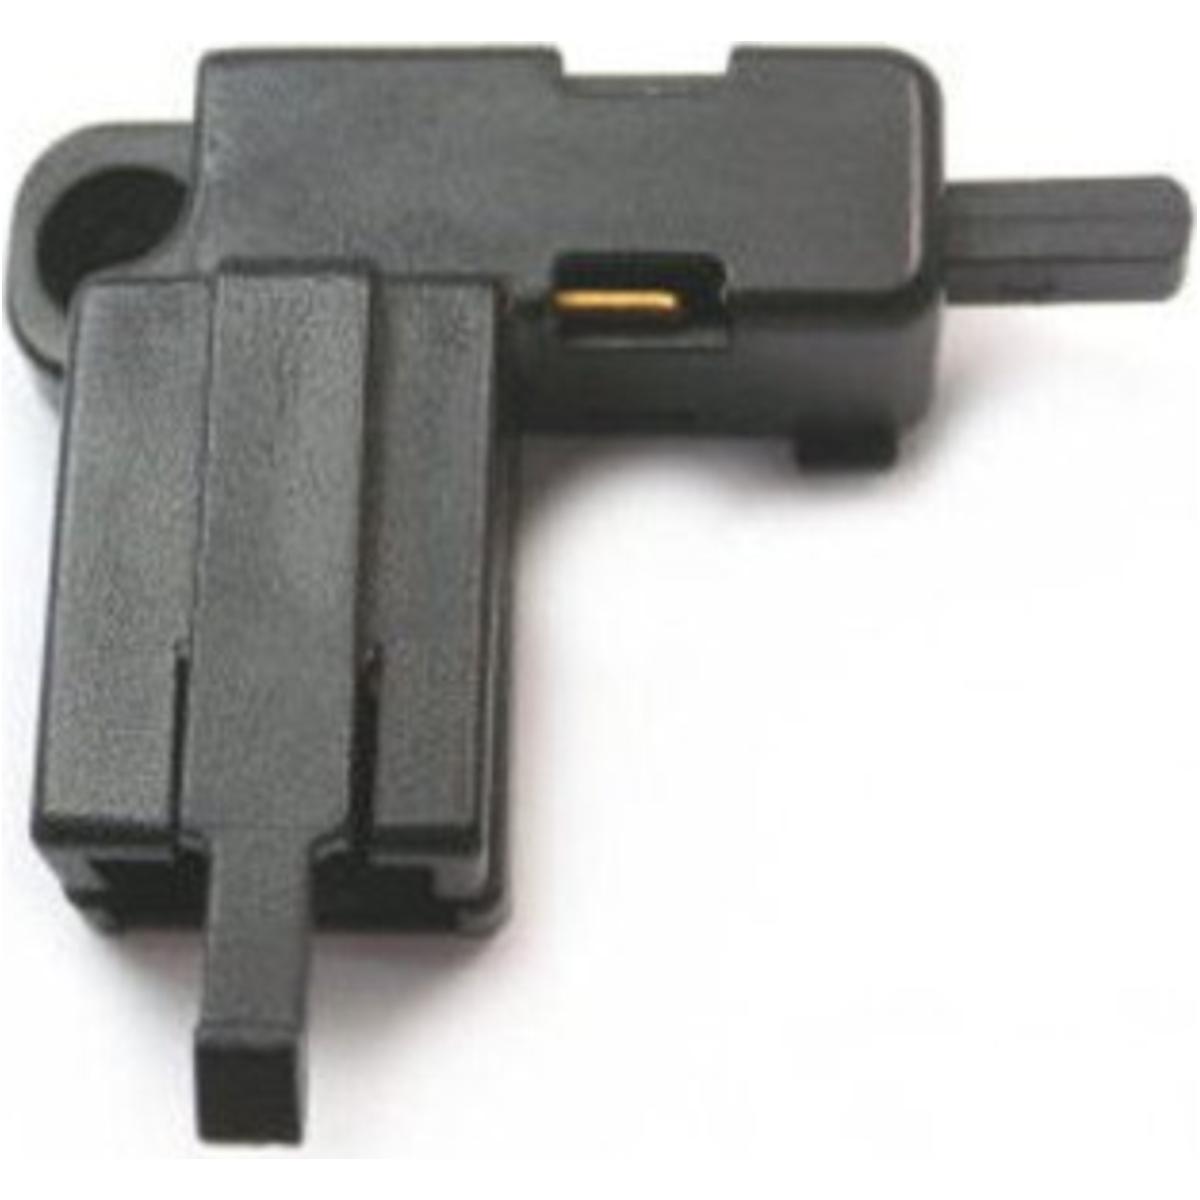 Clutch cut out switch jmp BD220132 für Yamaha FZR Genesis 600 3RH 1992, 27  PS, 20 kw